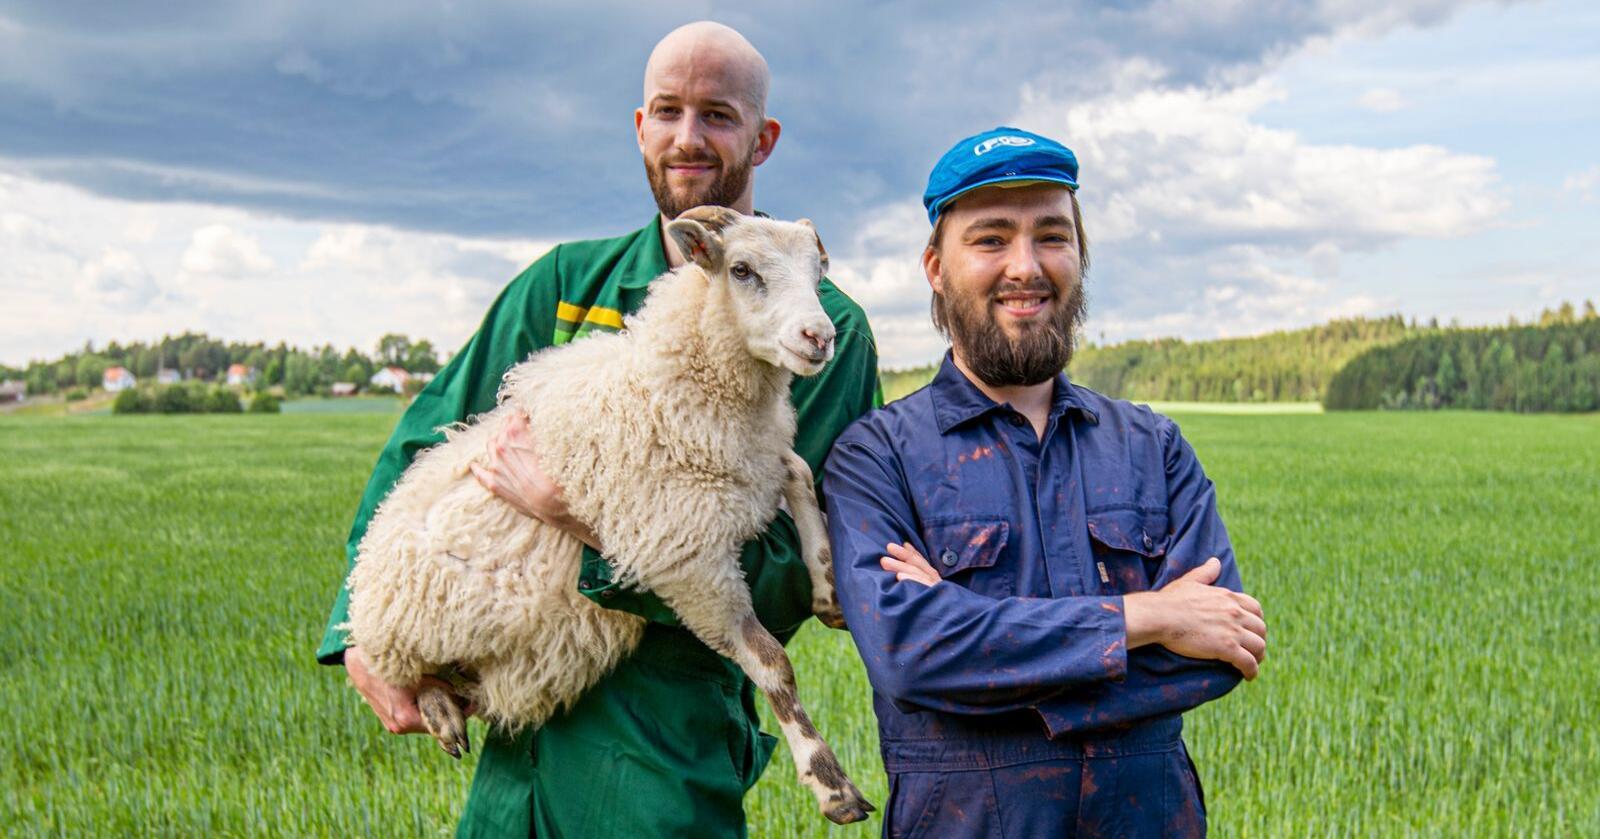 André Jensen (t.v.) og Olav Tokerud i gruppa Hagle er begge oppvokst på bygda og viser sin støtte til det pågående bondeopprøret. Foto: André Løyning